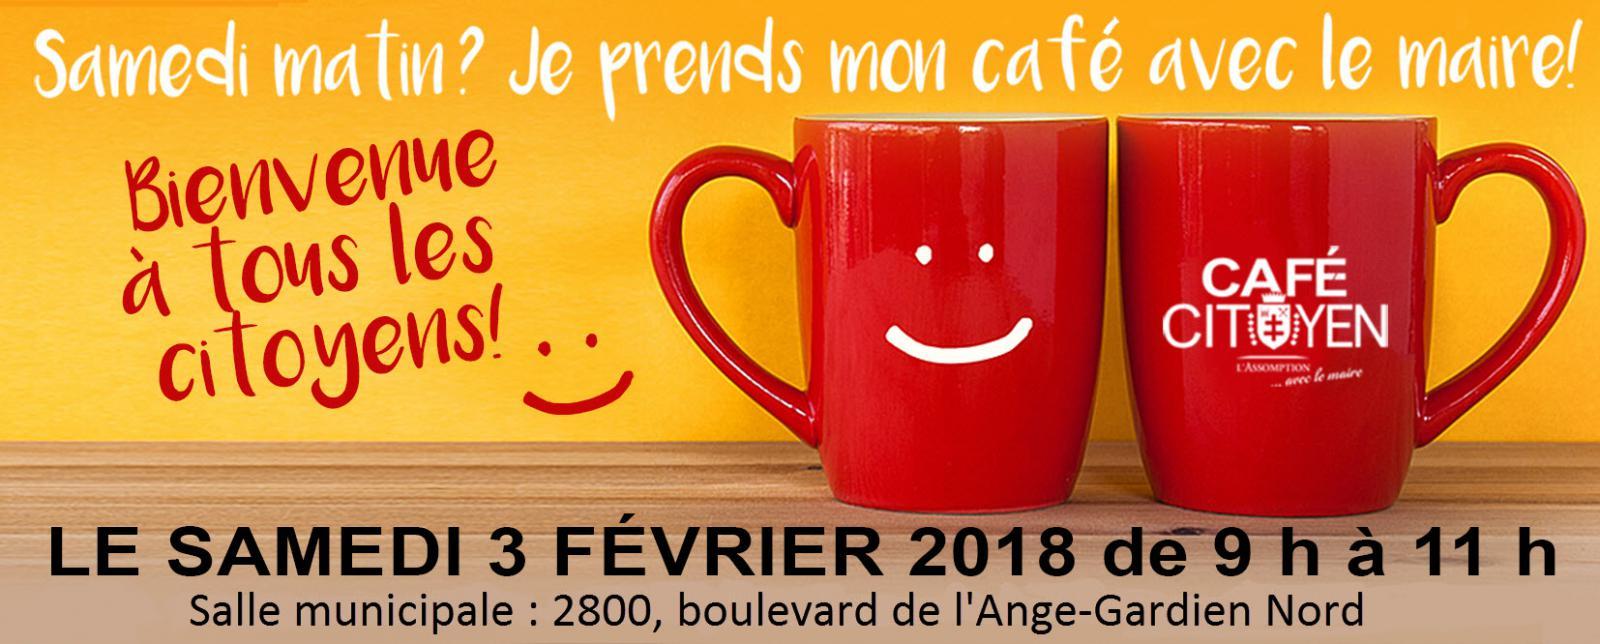 café citoyen maire